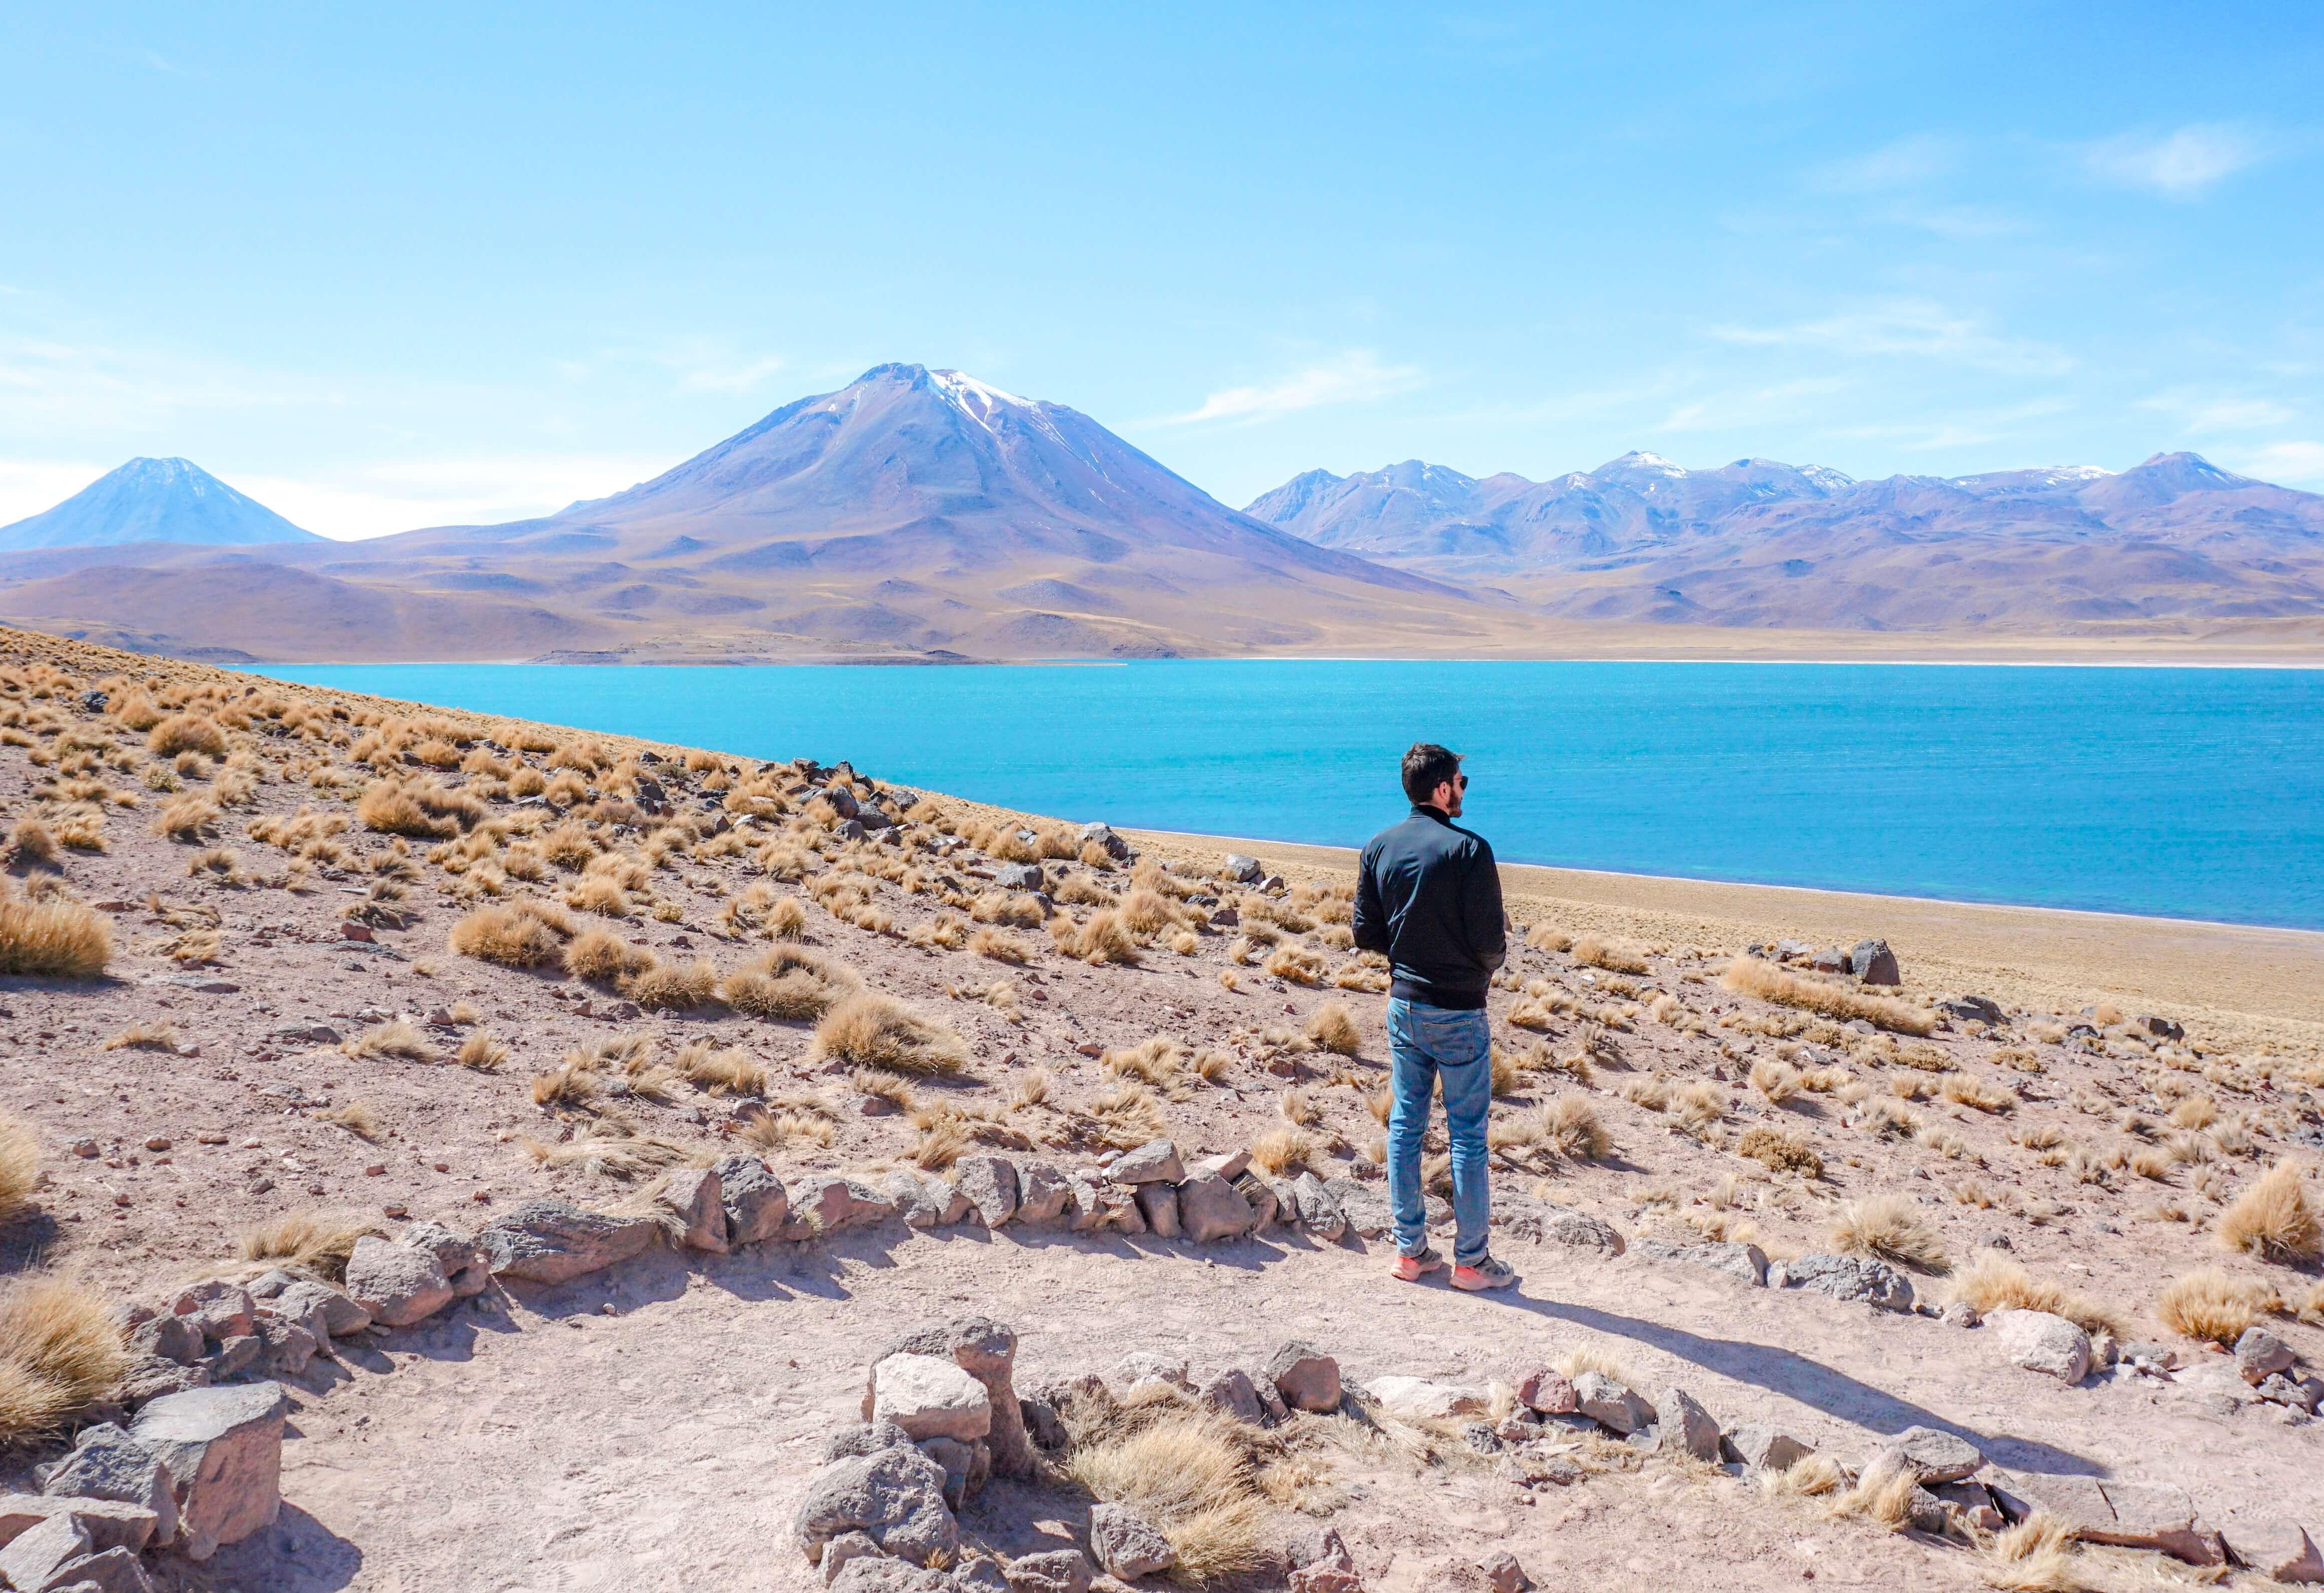 excursion lagunas miscanti san pedro blog